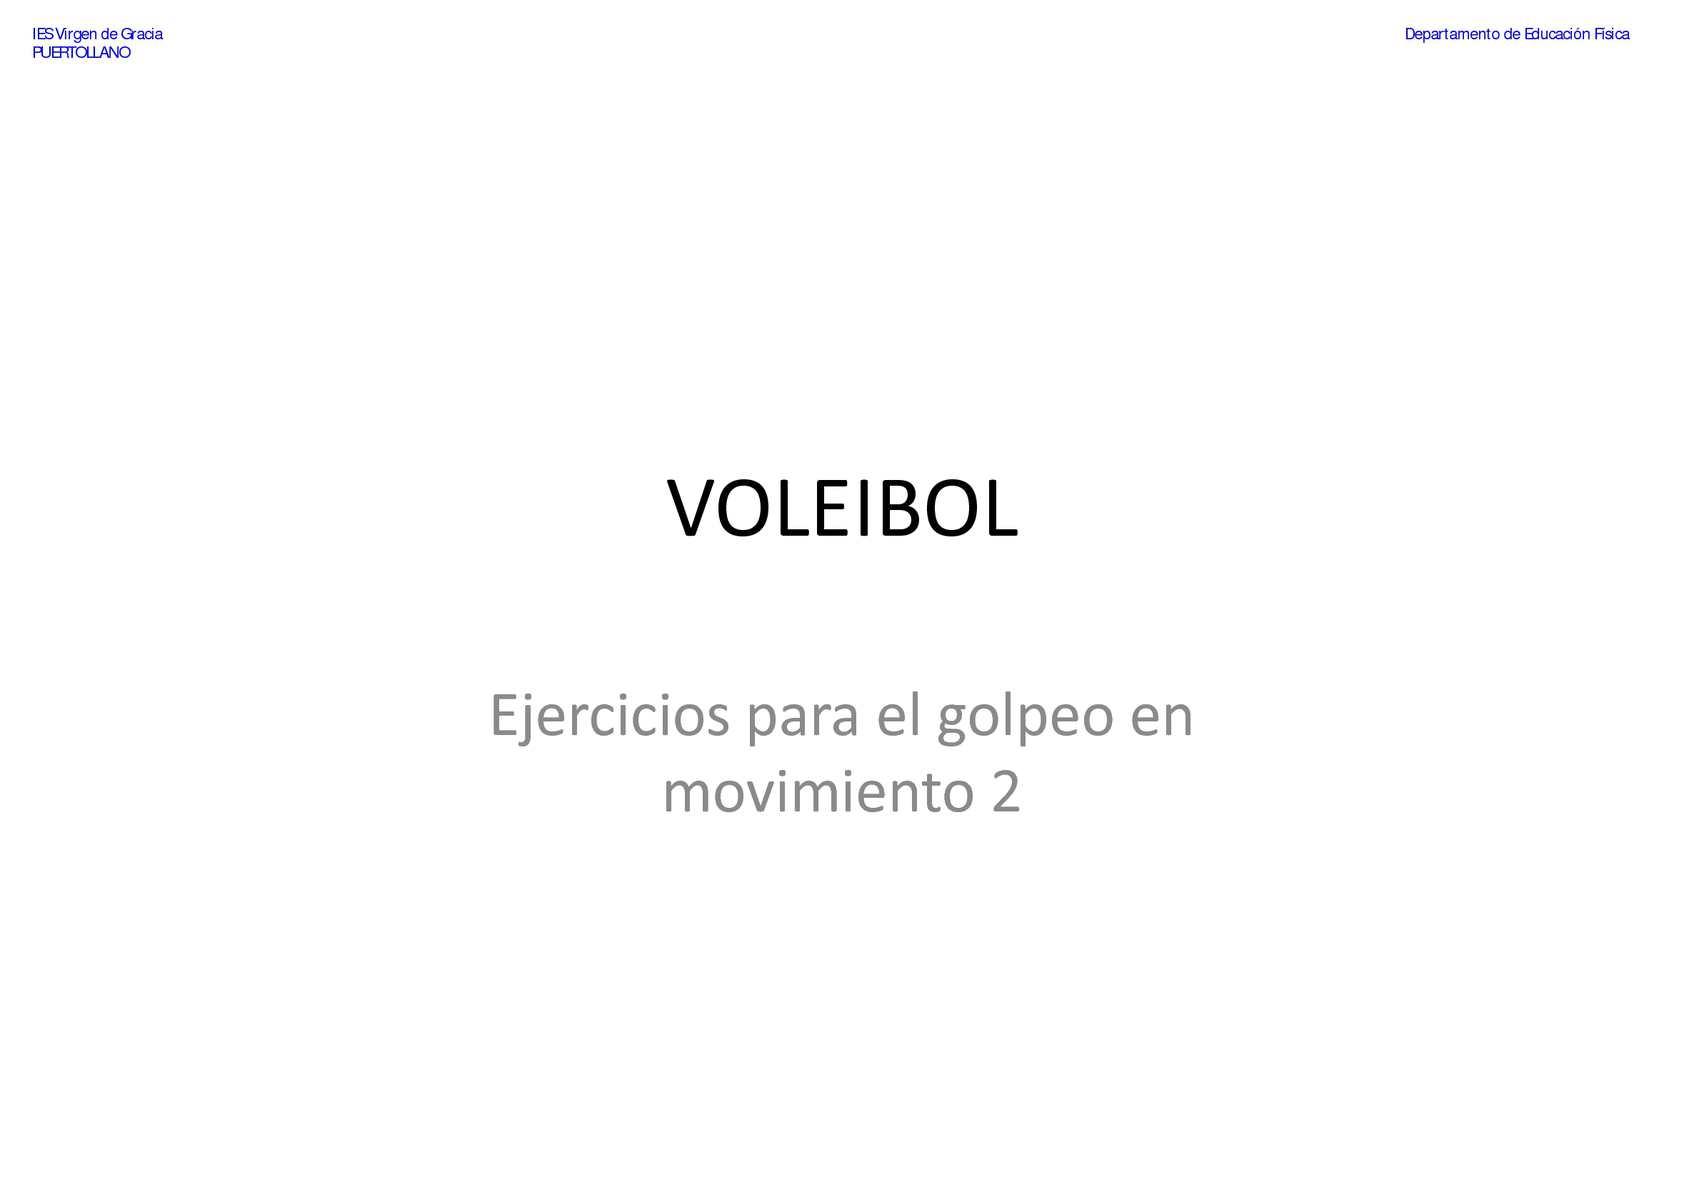 VOLEIBOL - Pase de dedos - Ejercicios para el golpeo en movimiento 2